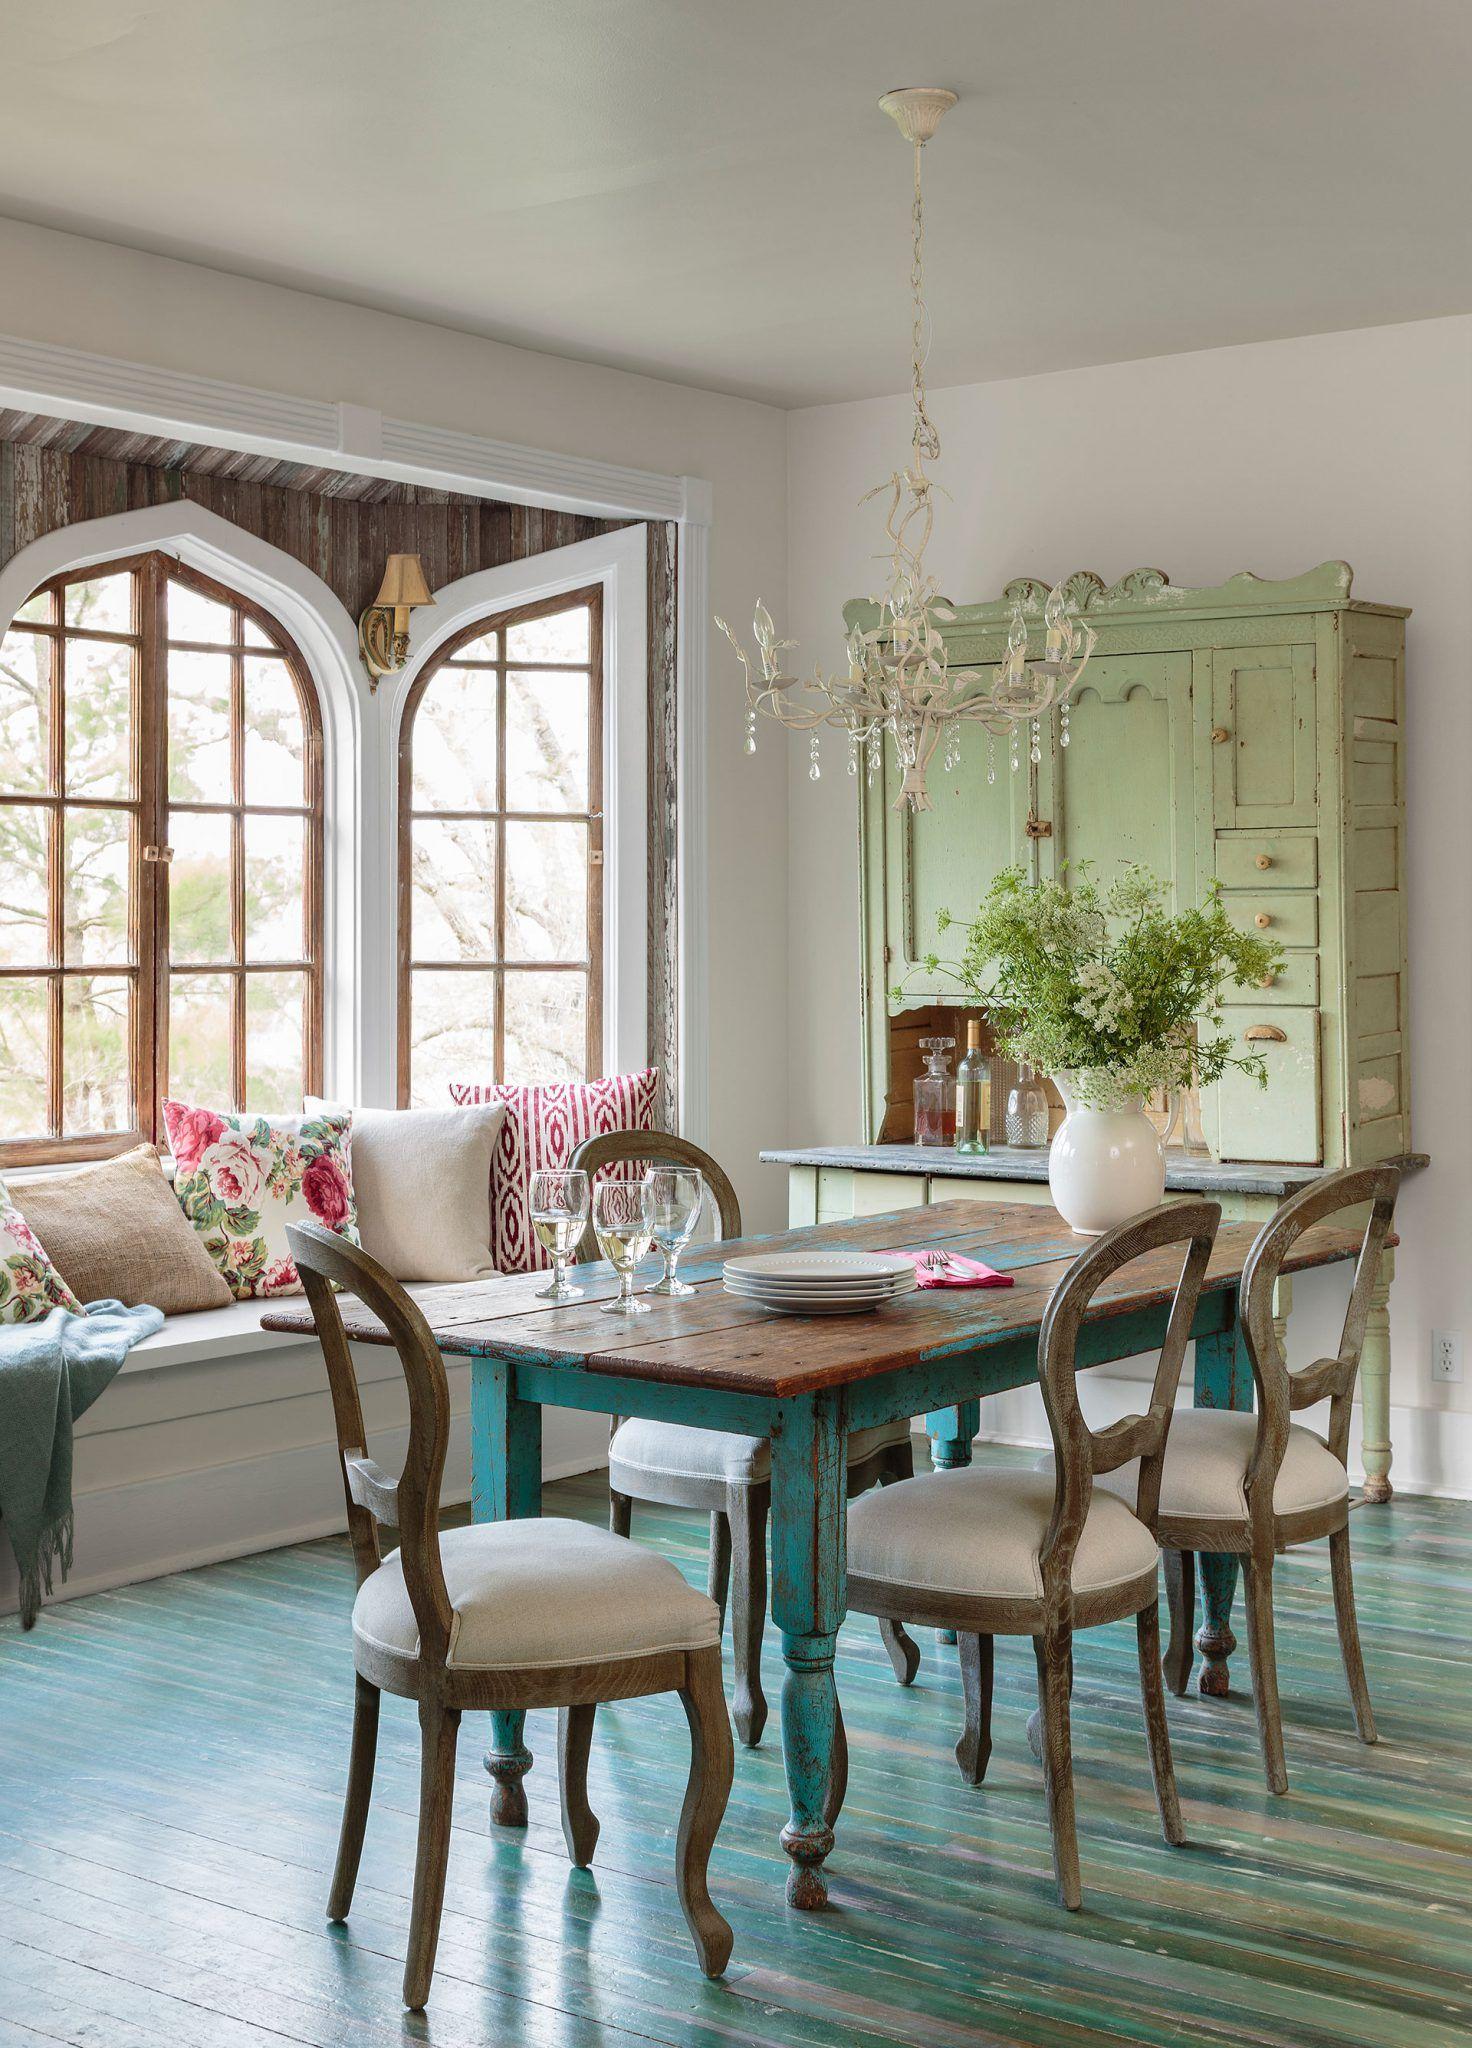 Farben des wohnraums 2018 country home interior farben malen  wohndesign design